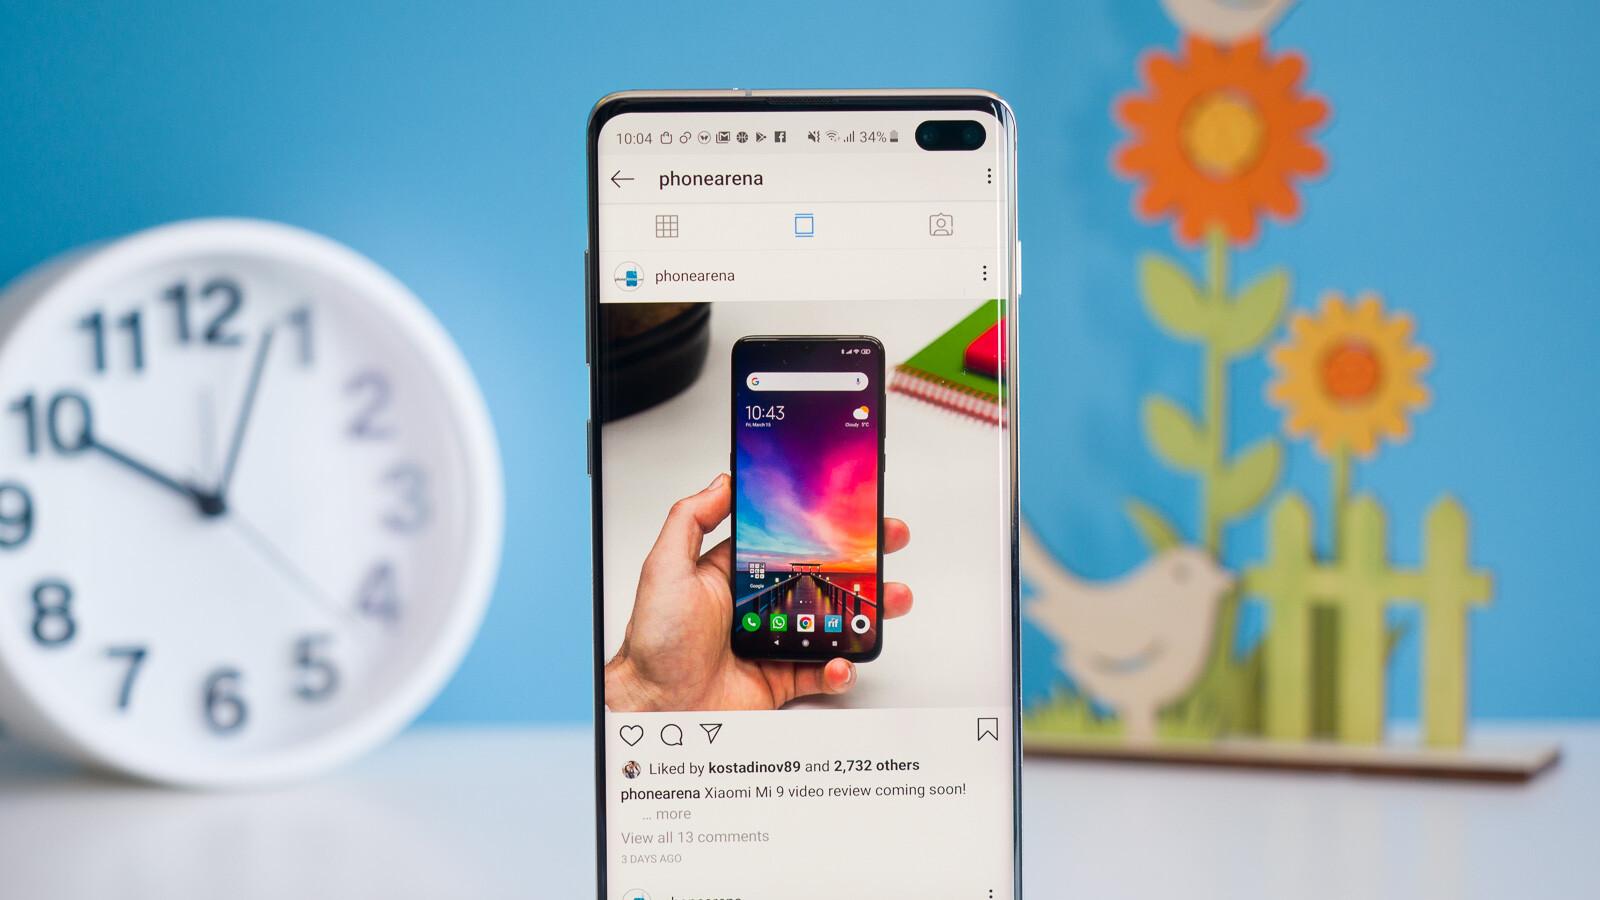 Bei der neuesten Funktion von Instagram dreht sich alles um GIFs